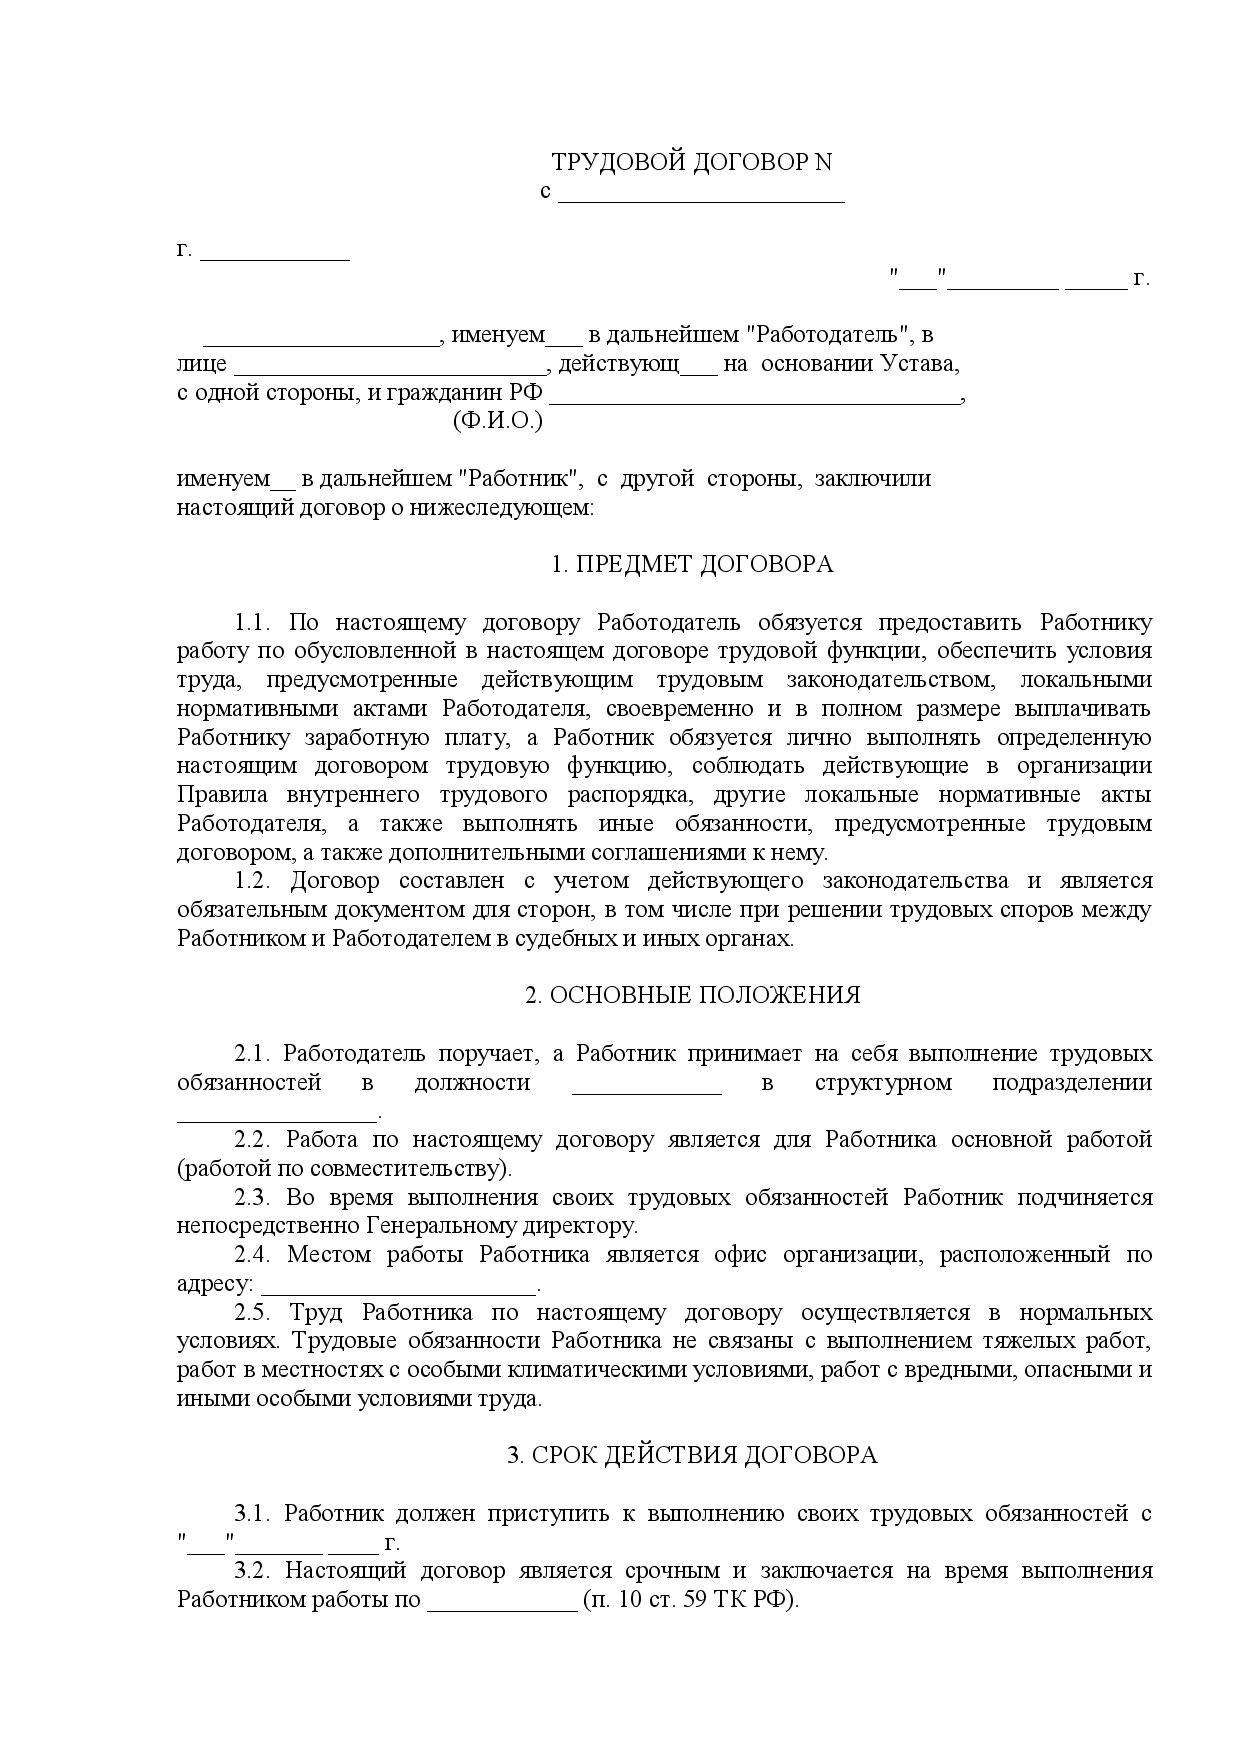 Как выглядит трудовой договор характеристику с места работы в суд Кржижановского улица